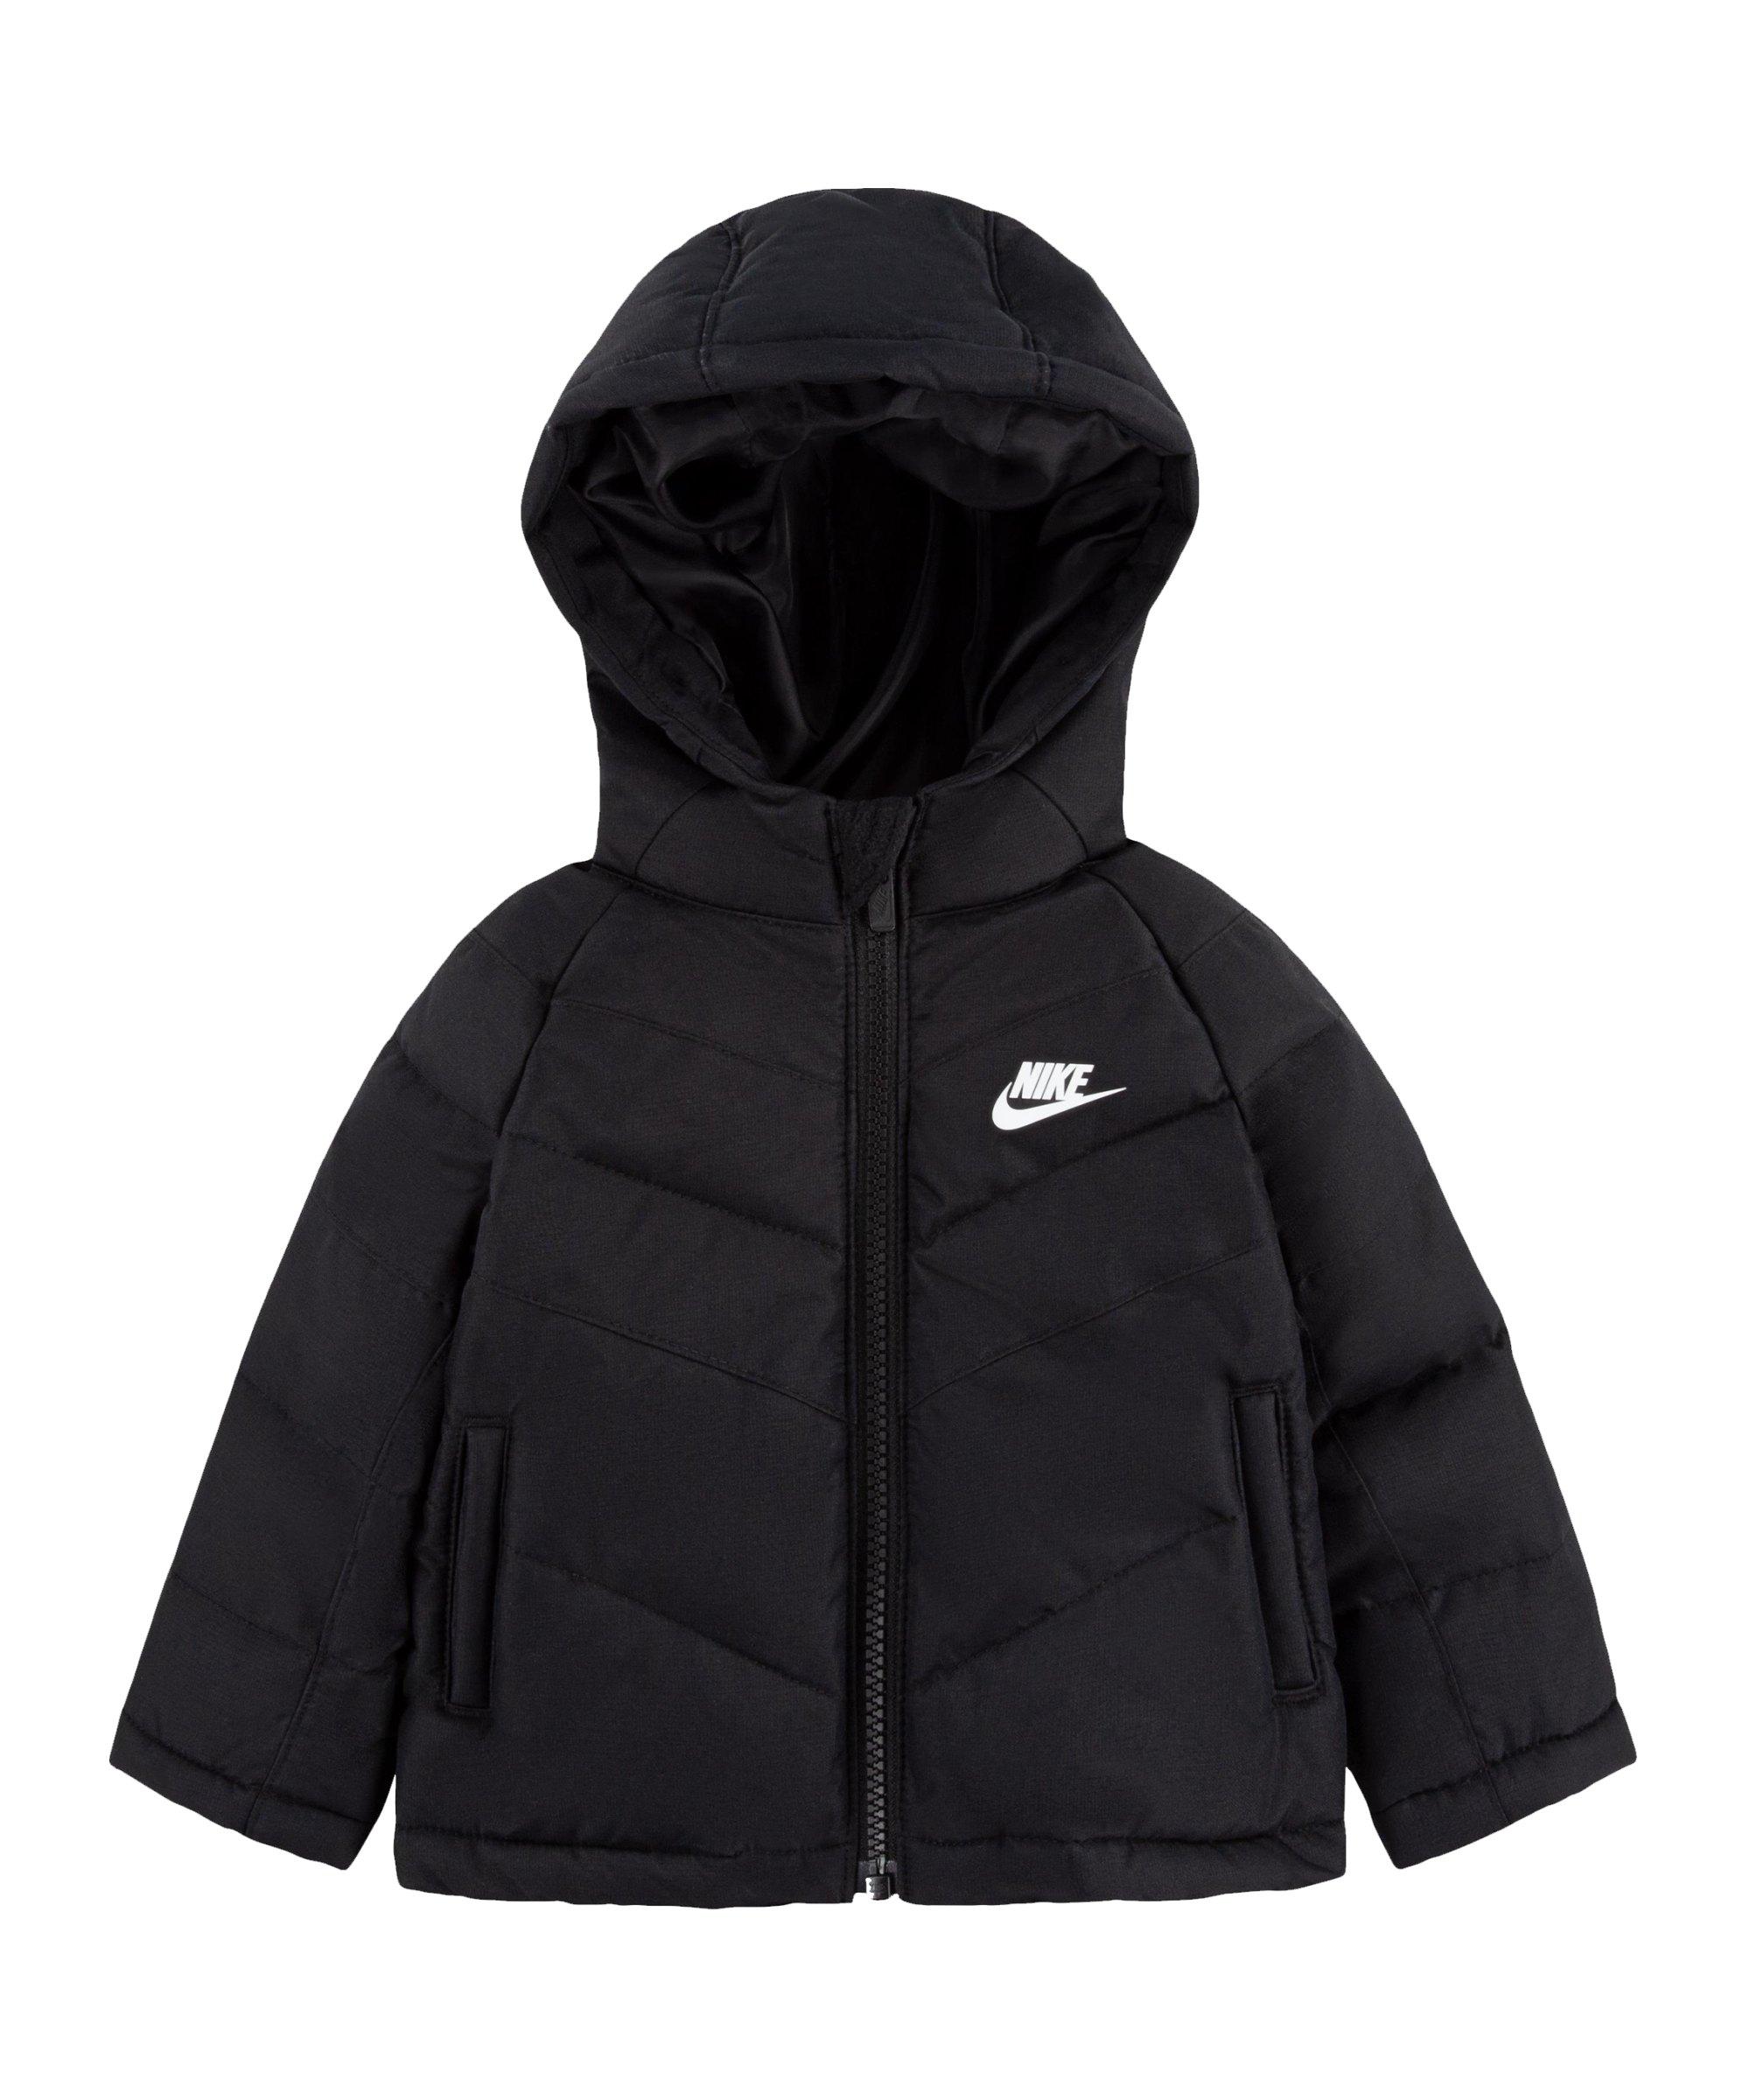 Nike Filled Jacke Kids Schwarz F023 - schwarz